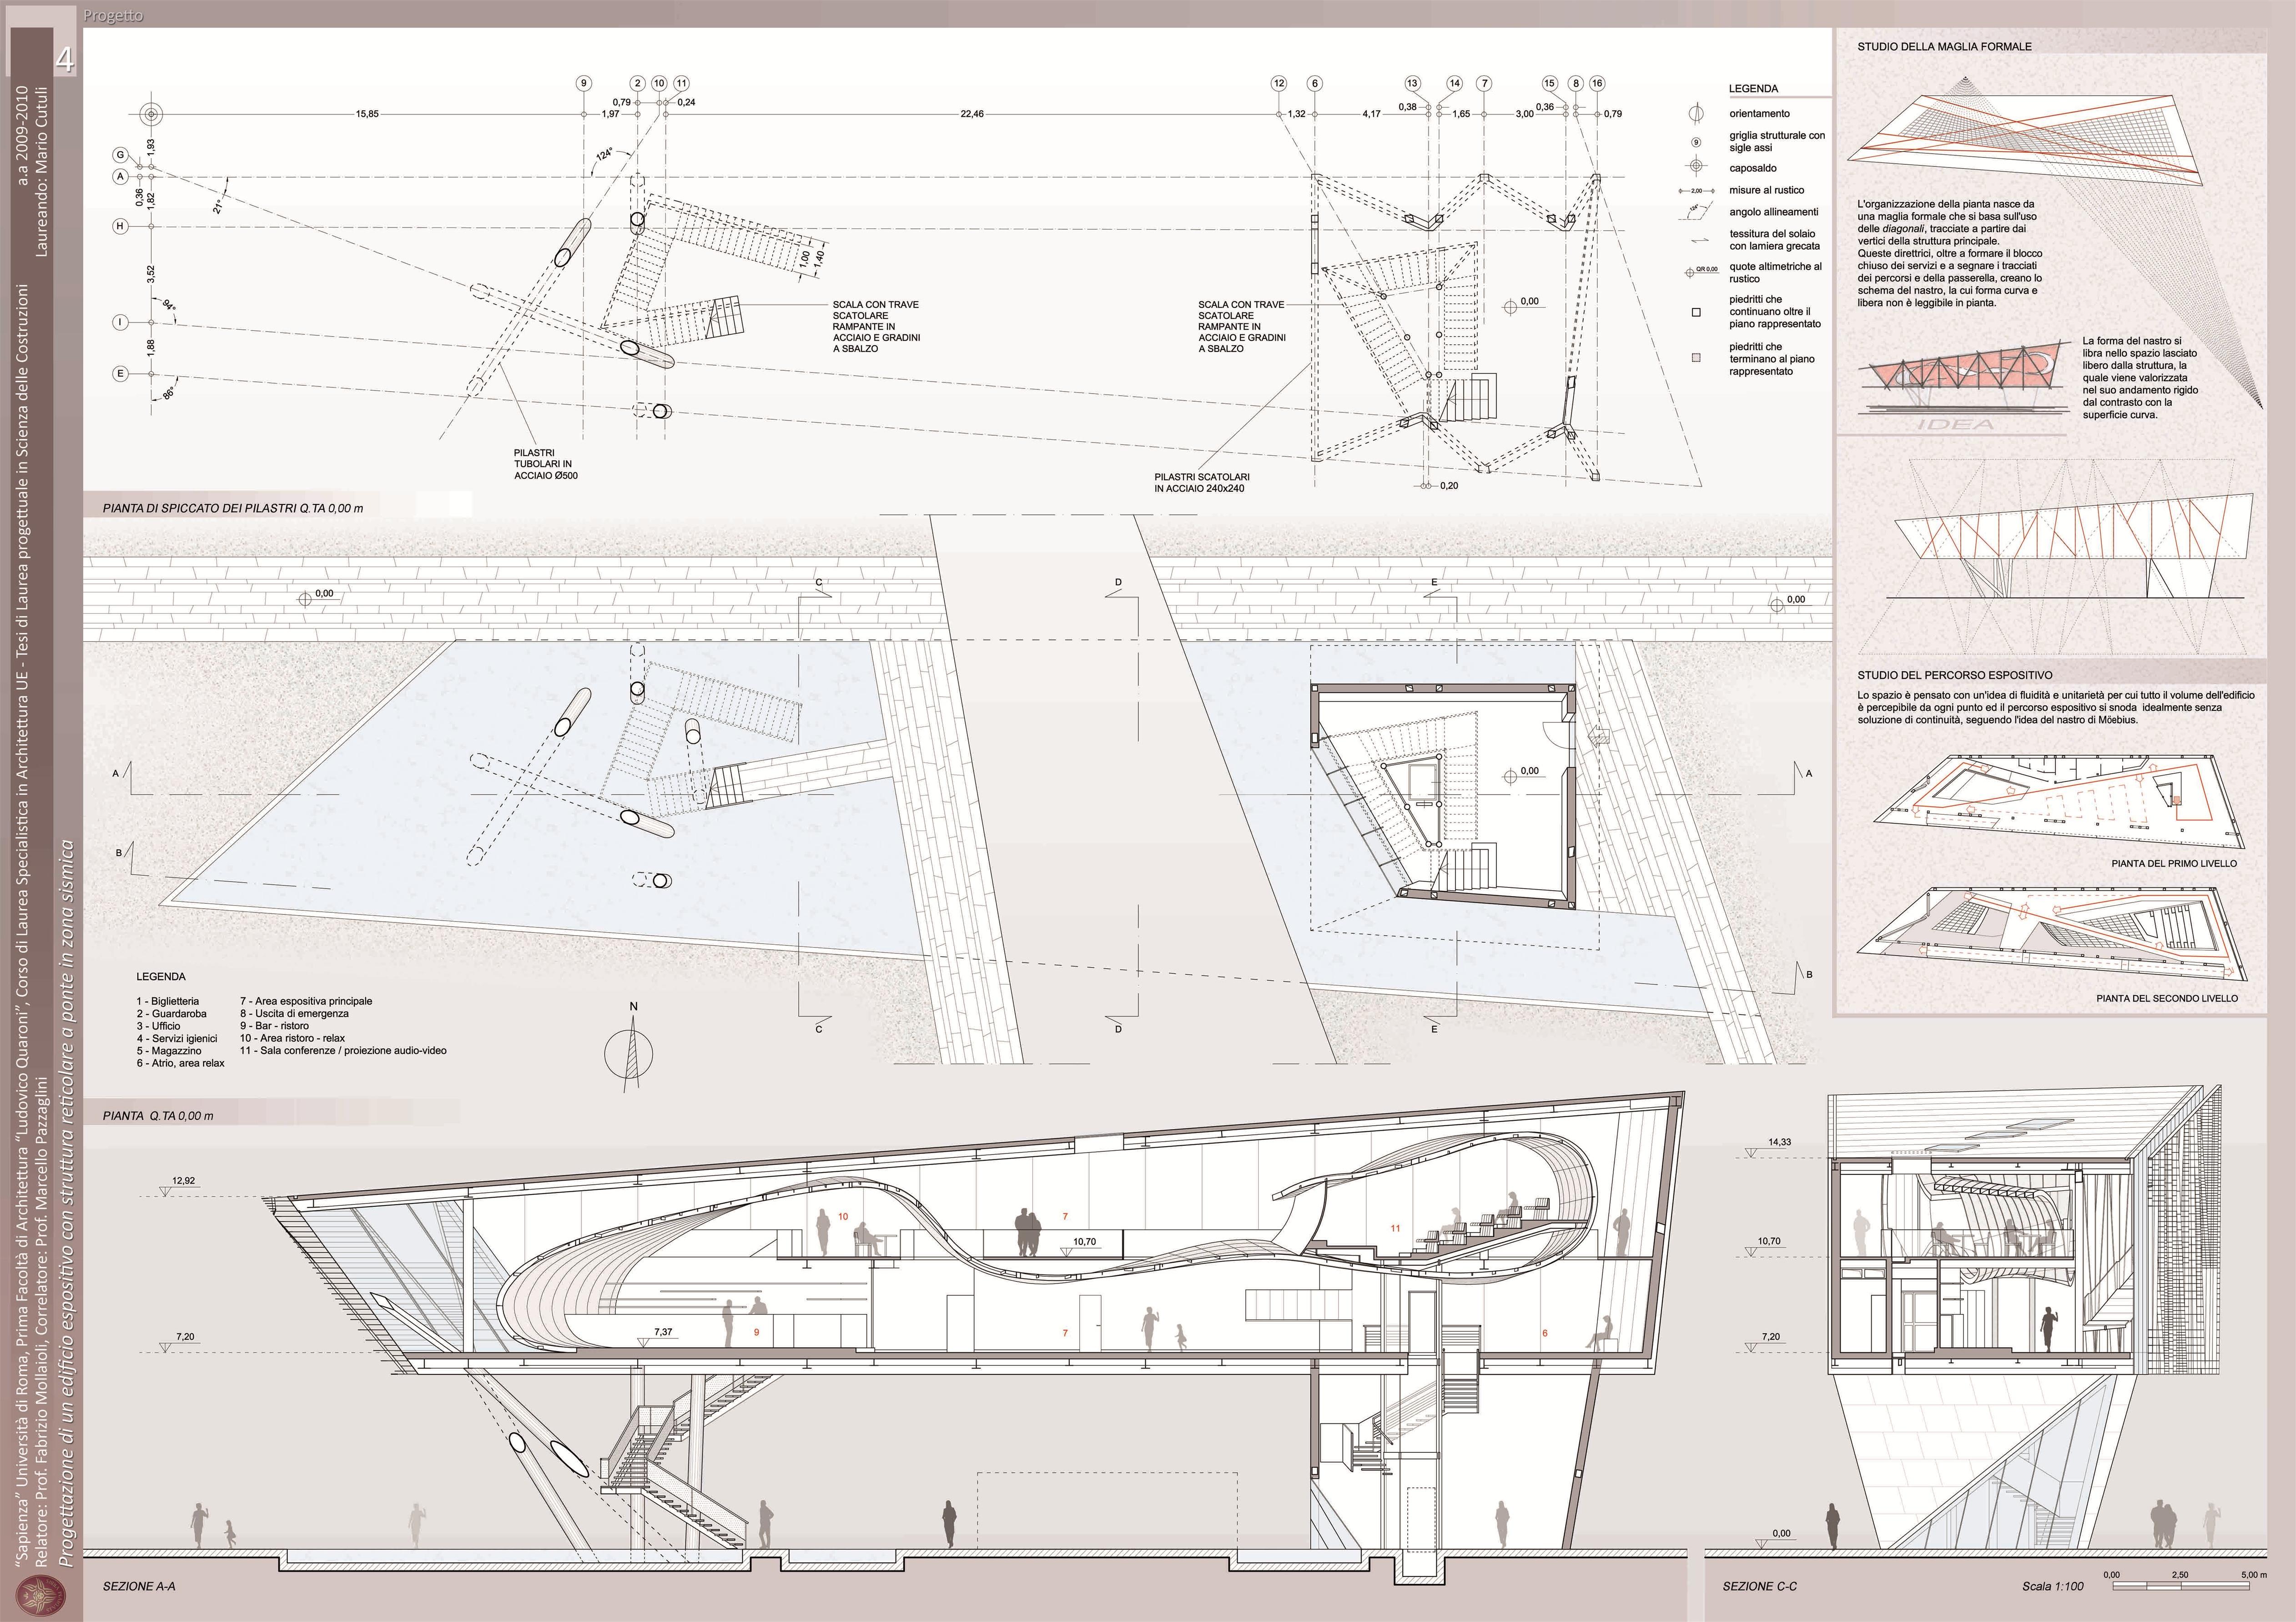 Progettare Un Ponte.Progettazione Di Un Edificio Espositivo Con Struttura